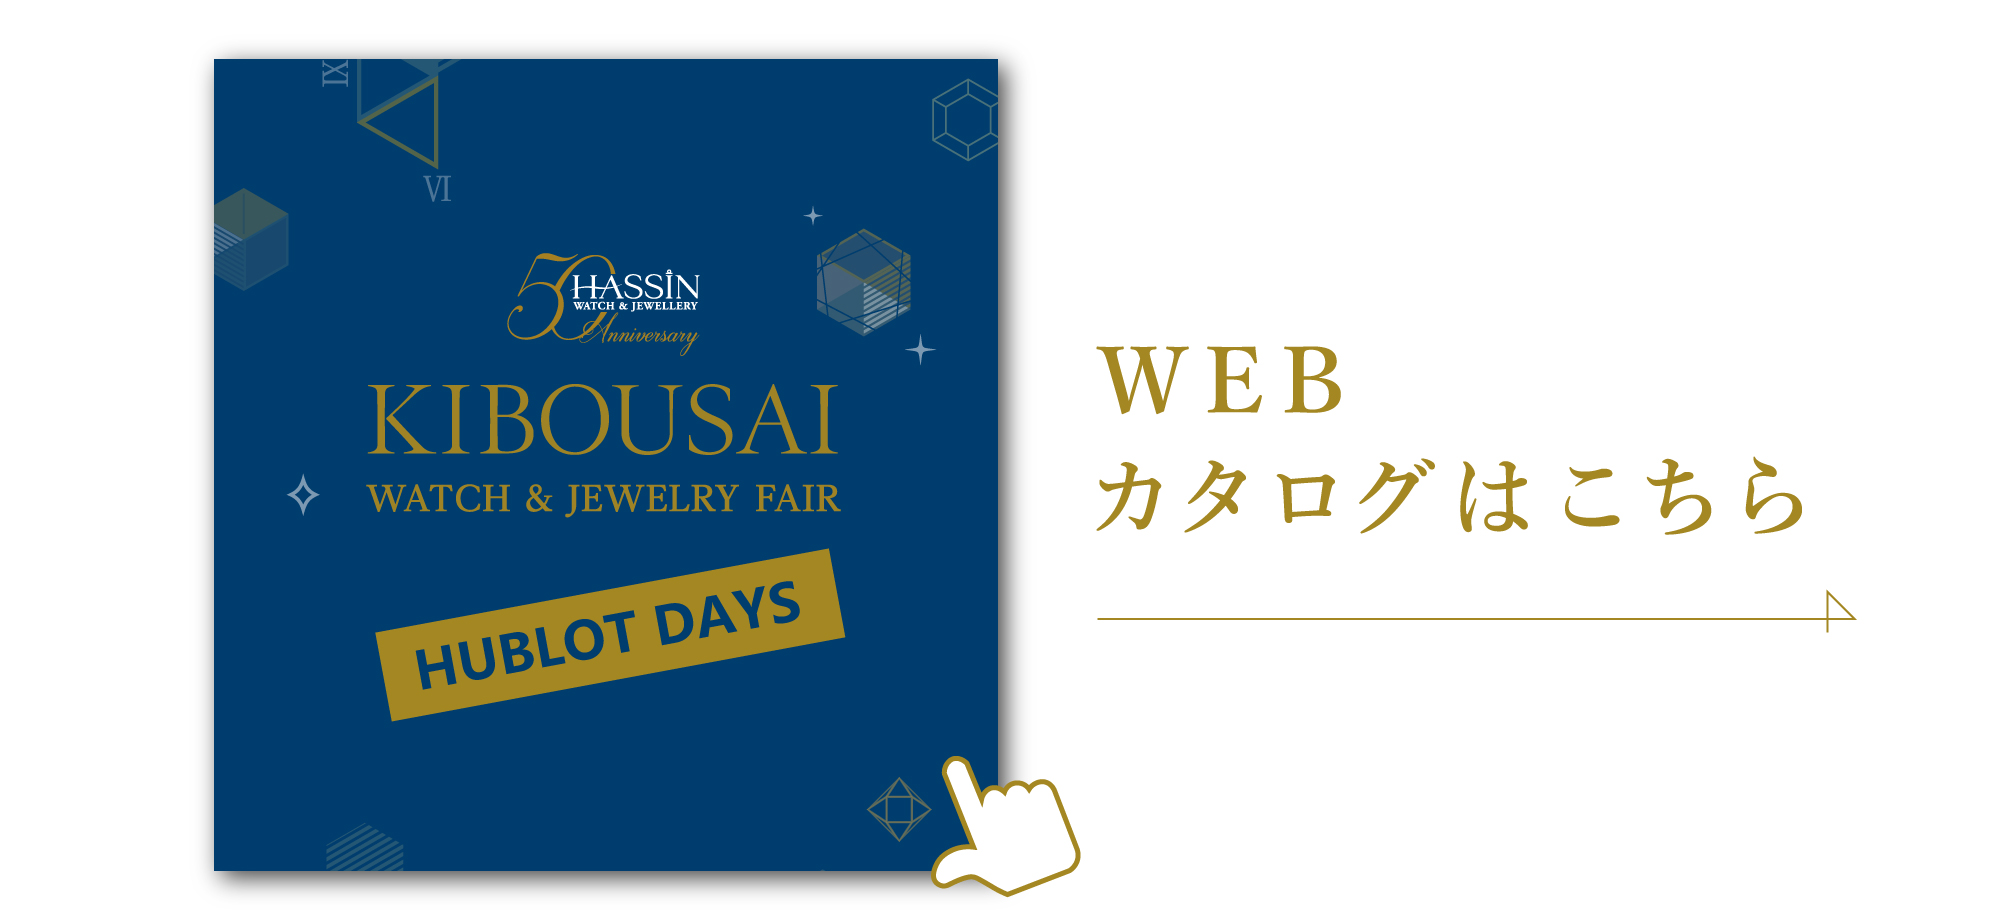 kibousai2021_webカタログ_2000_920-1